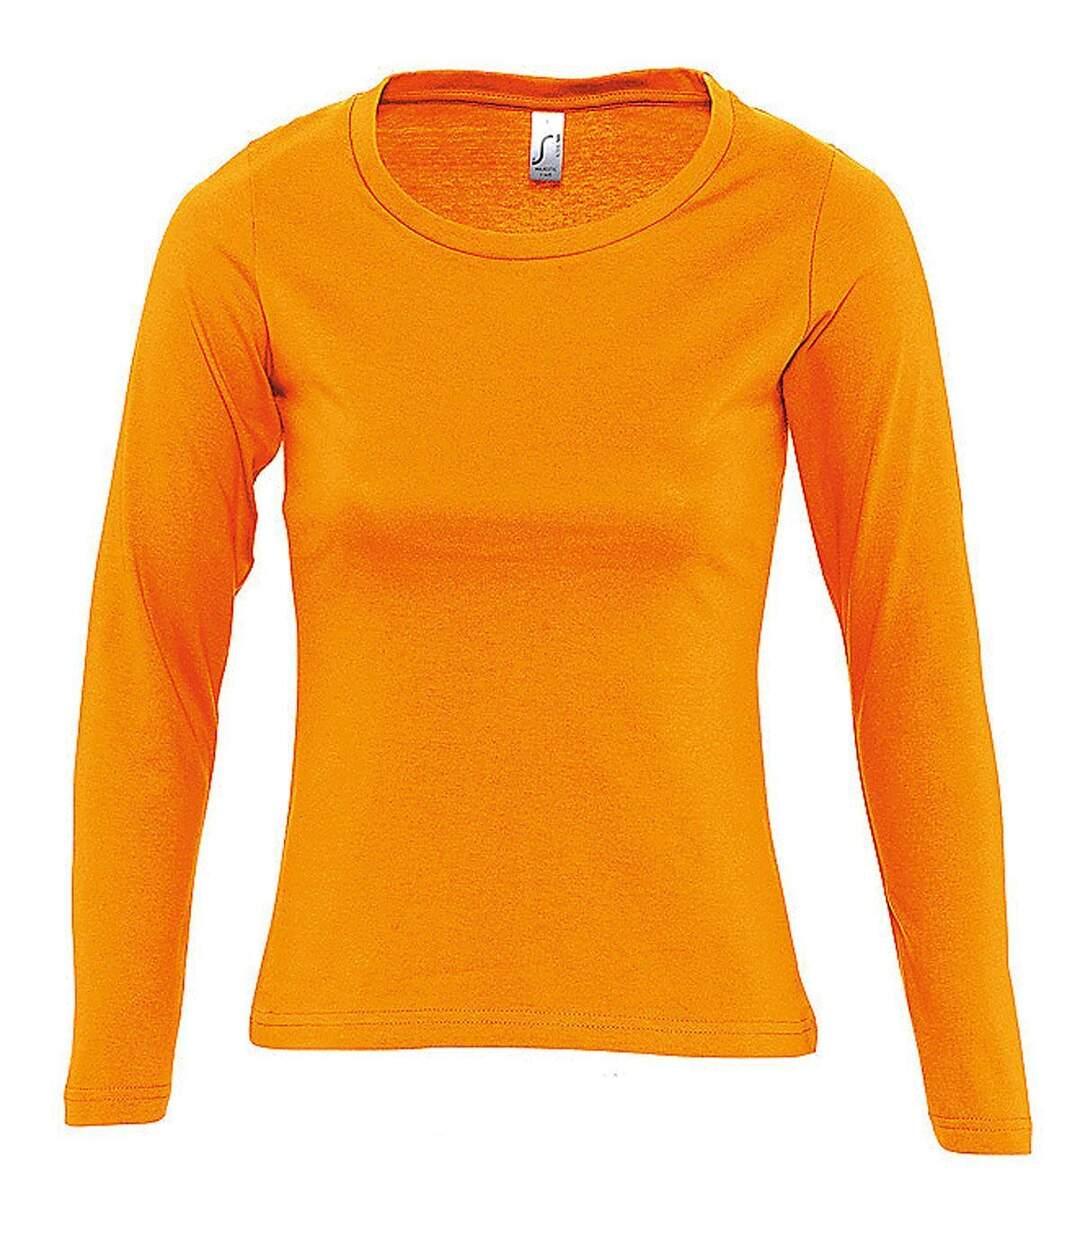 Dégagement T-shirt manches longues FEMME 11425 orange dsf.d455nksdKLFHG